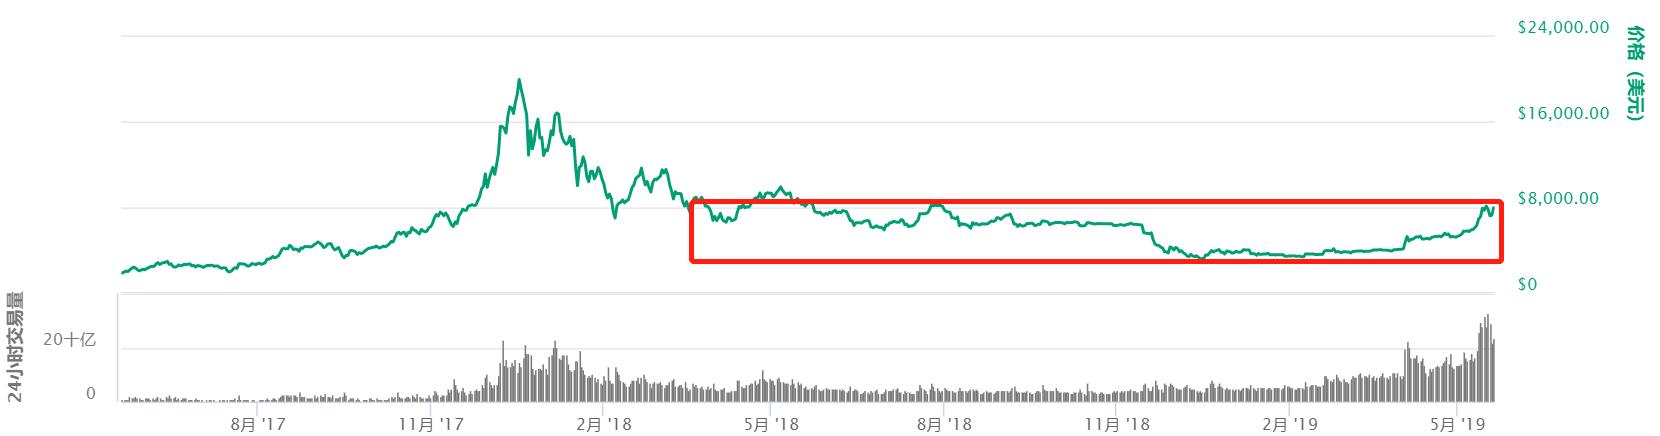 【得得小数据】区块链二级市场:冲高急跌高位震荡,修复反弹宽幅盘整